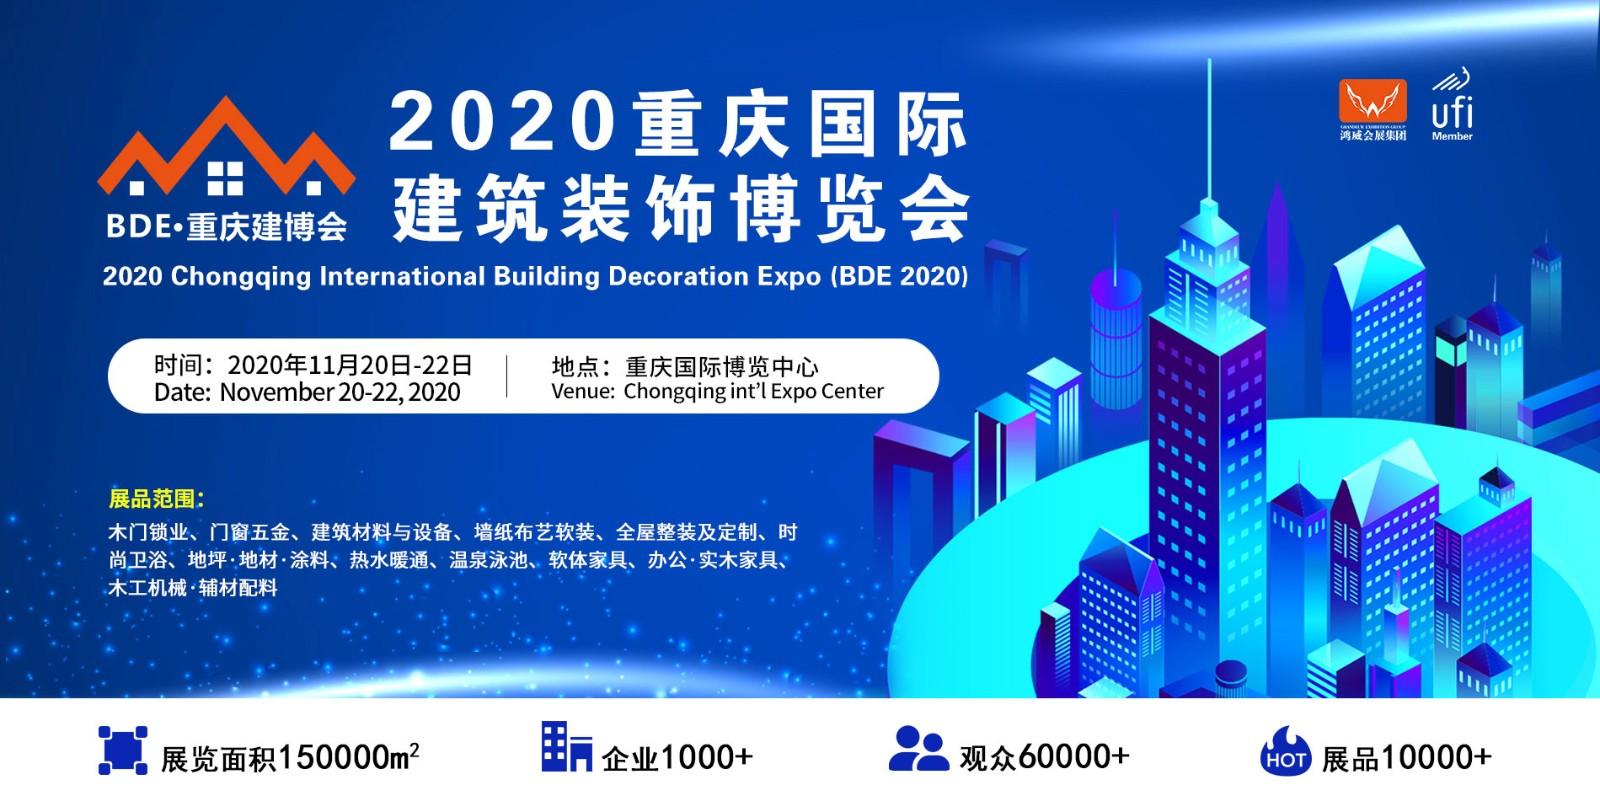 重慶國際建筑裝飾展覽會BDE